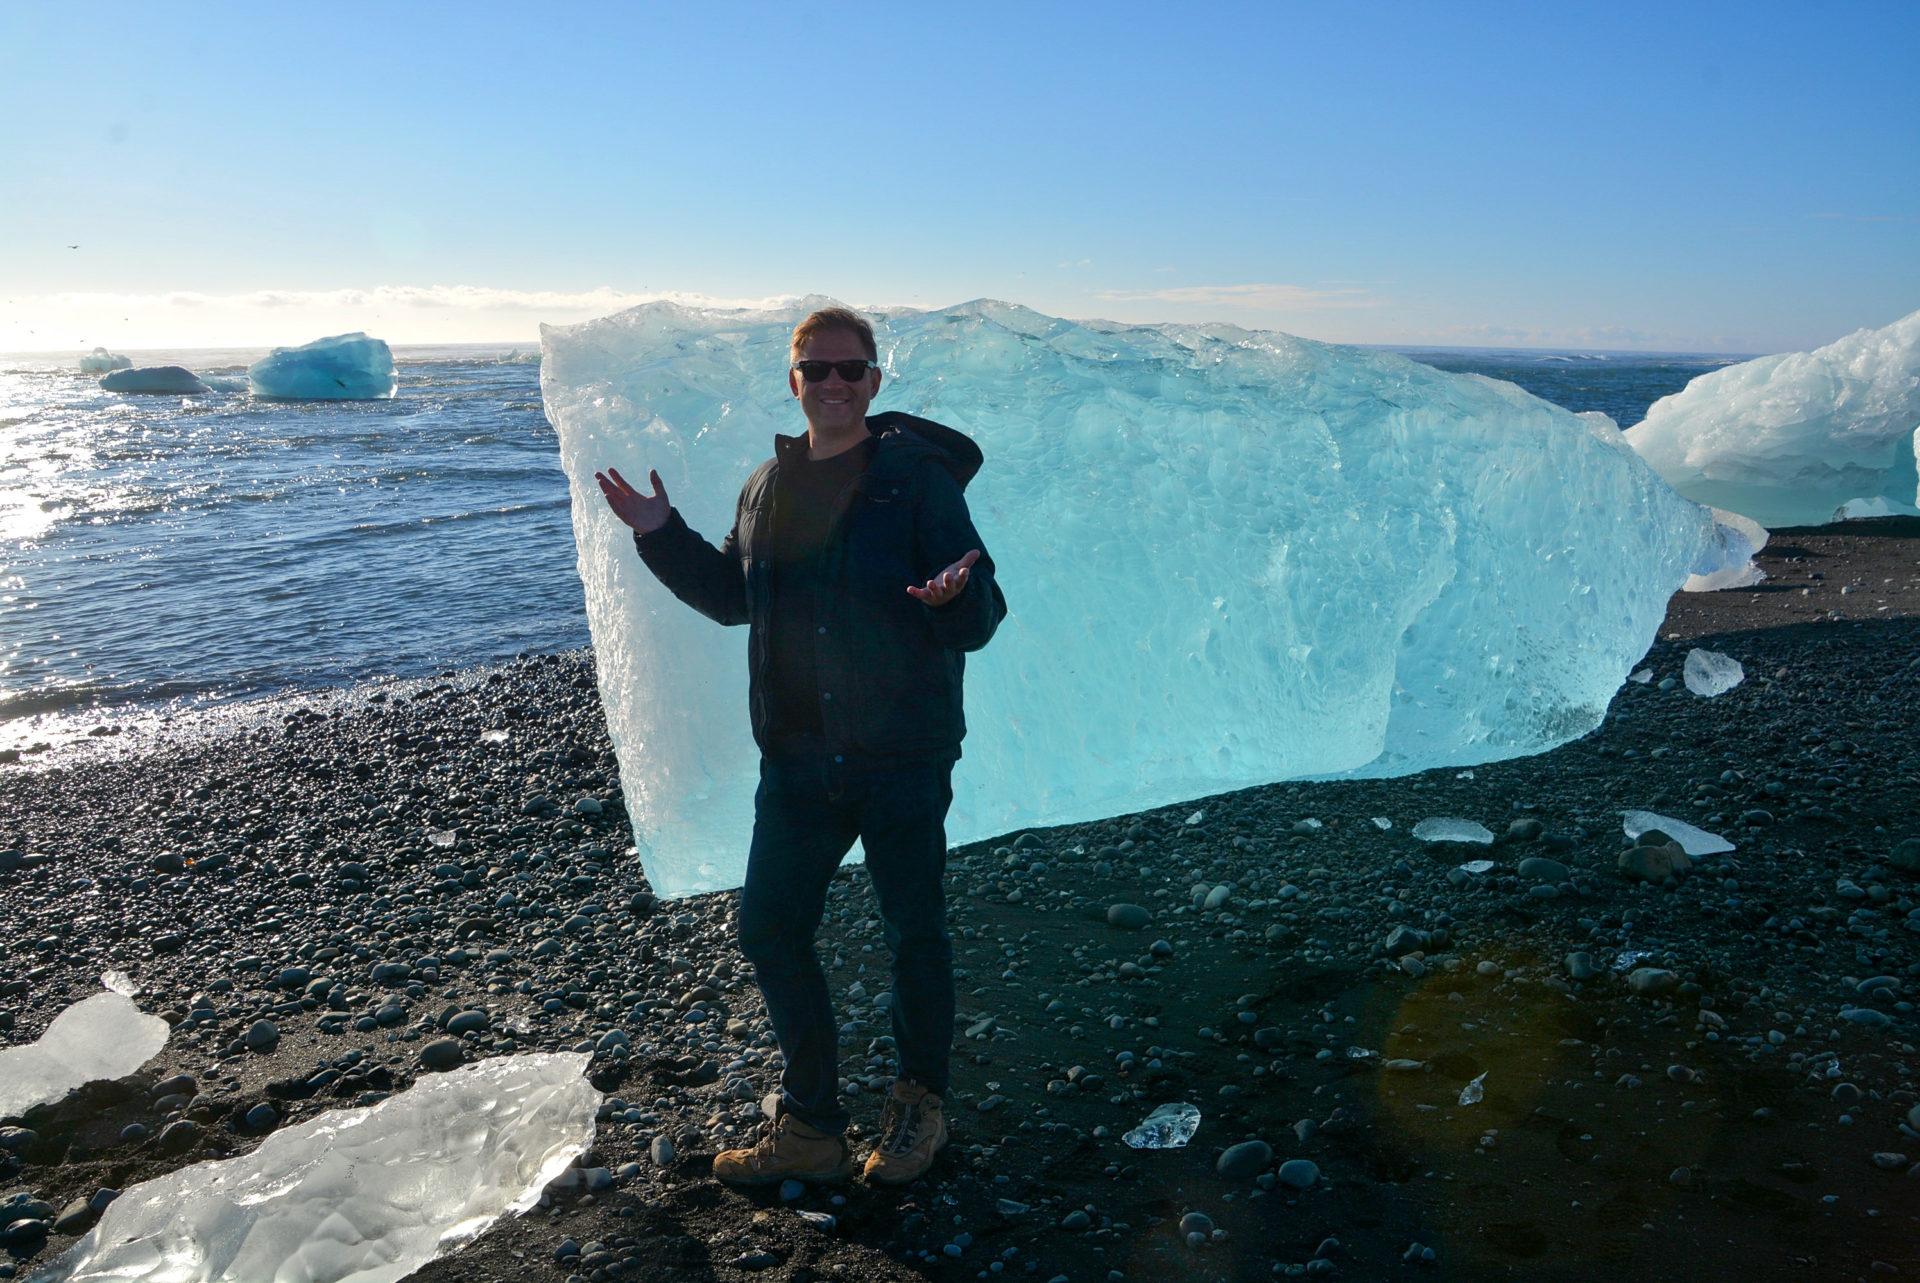 Autor vor Eisberg auf dem Lavastrand von Jökulsárlón im Süden von Island